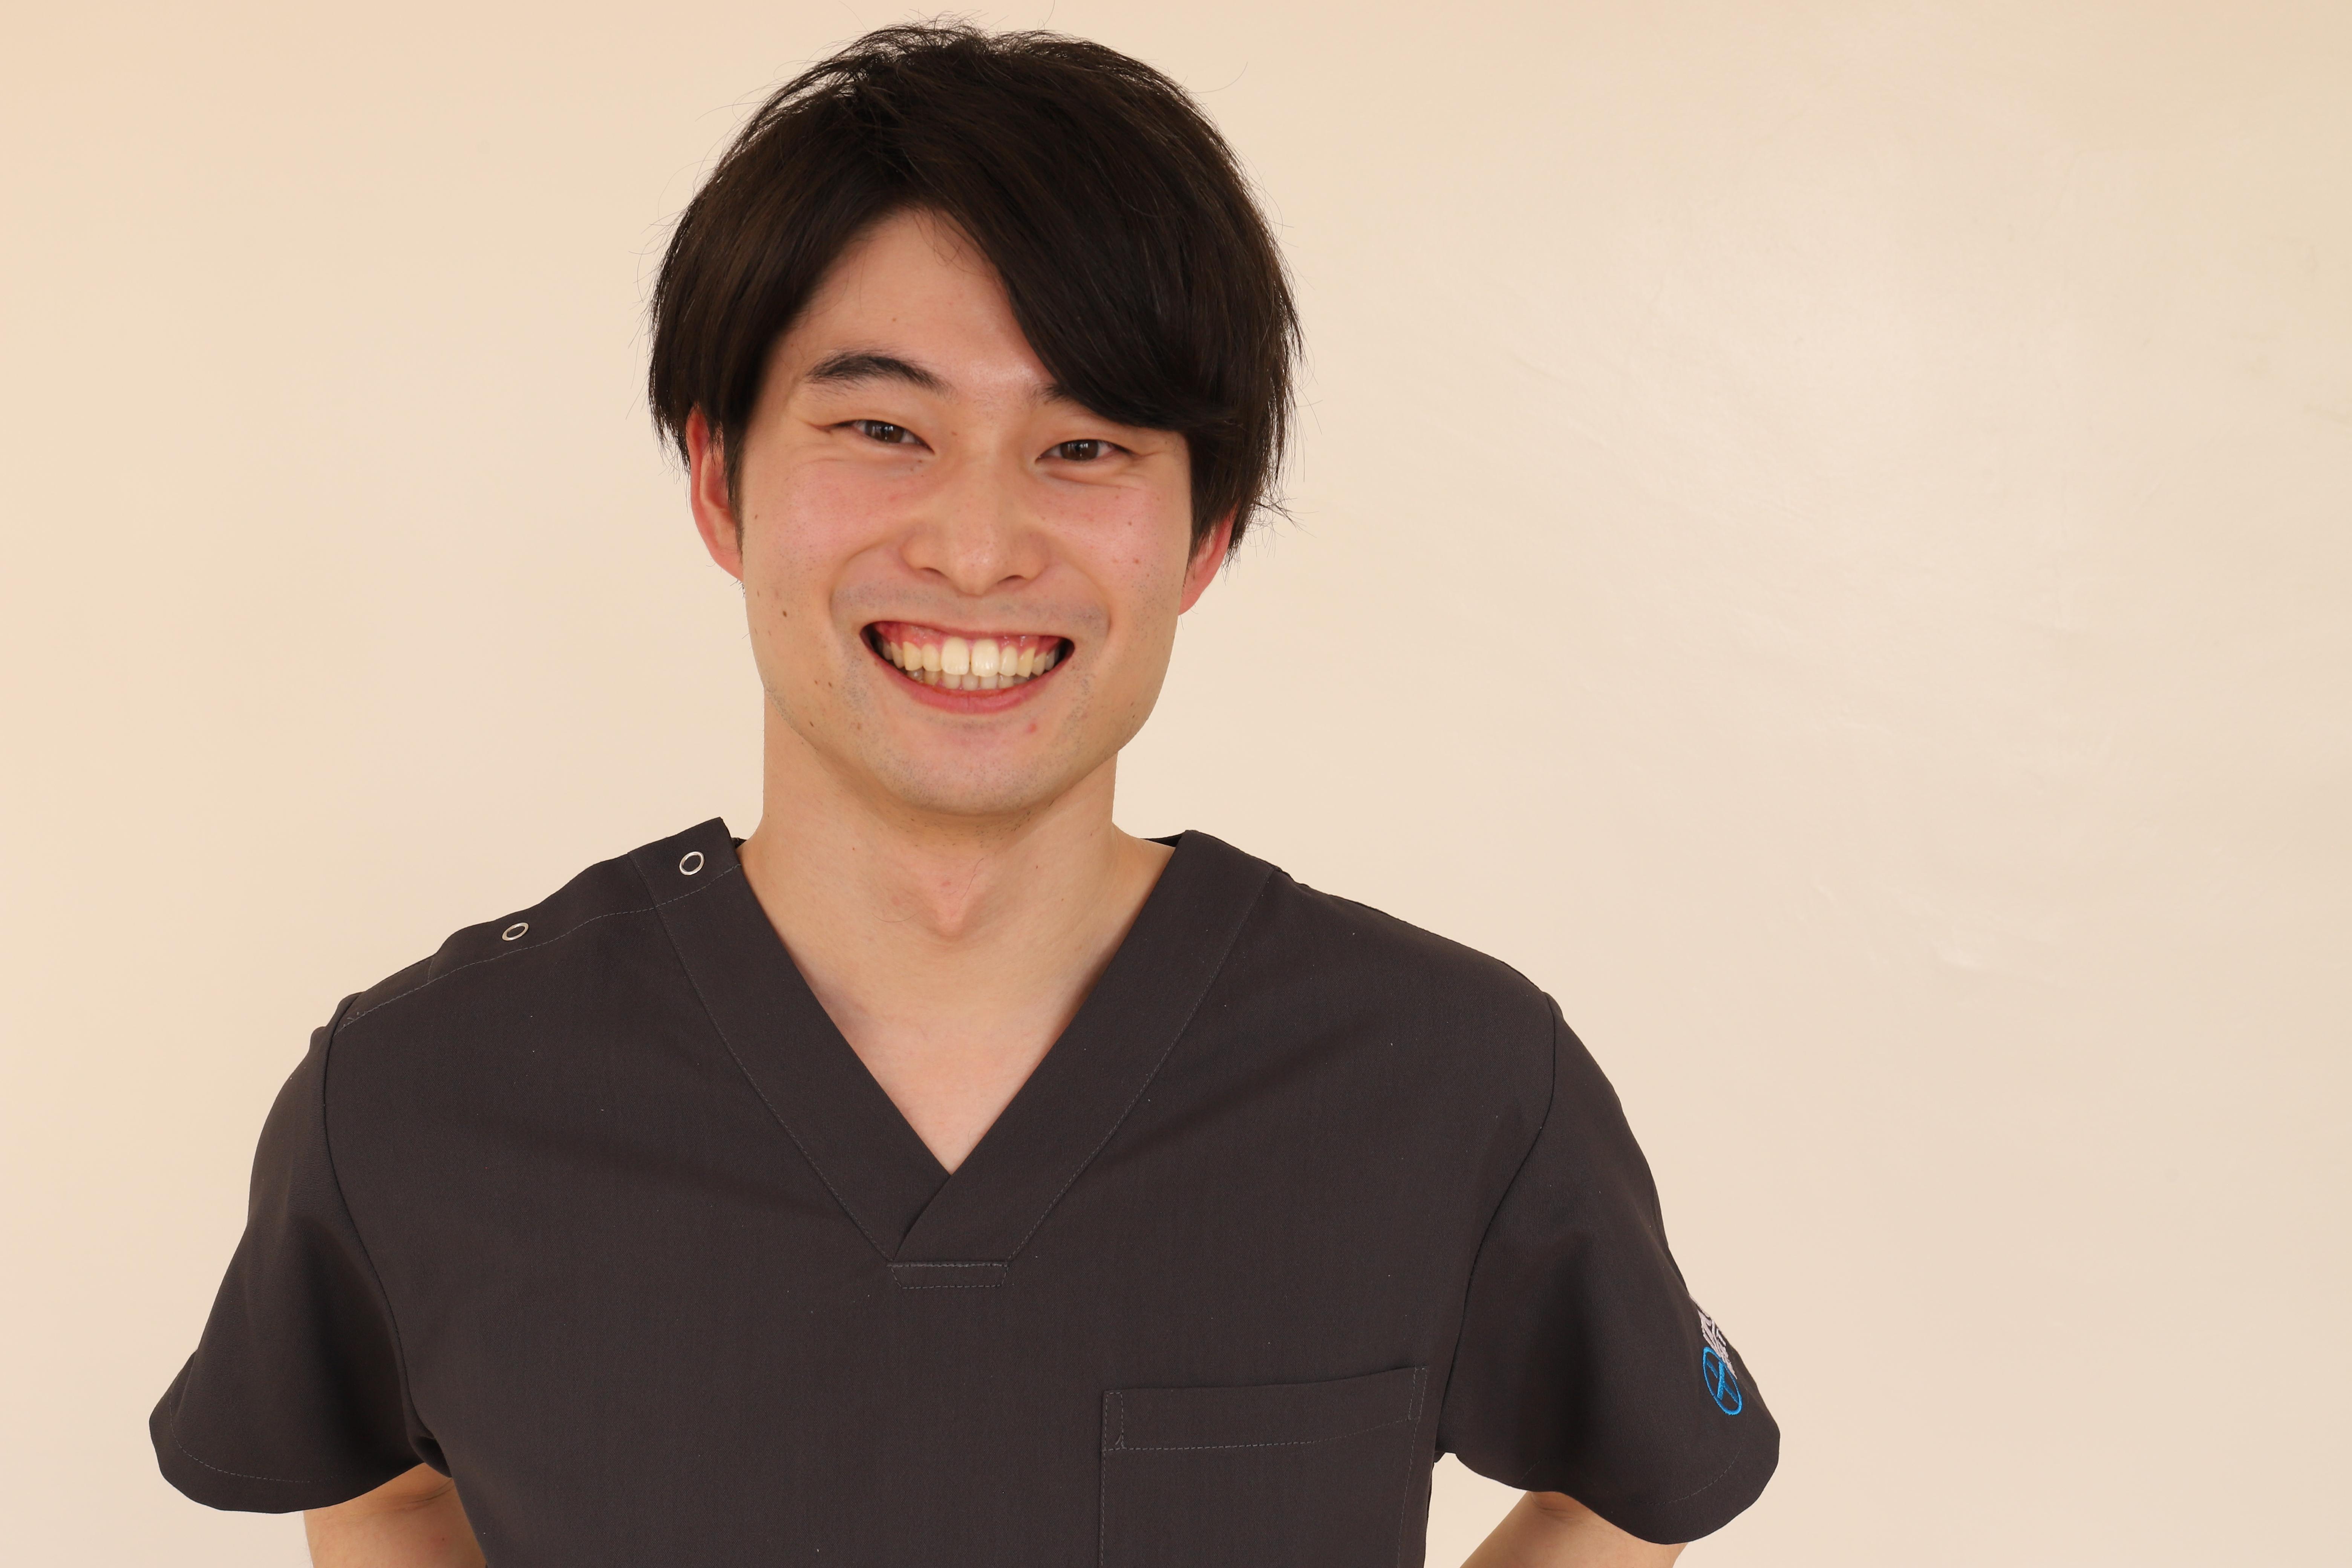 総合大雄会病院 初期研修医1年目 本南 研人先生